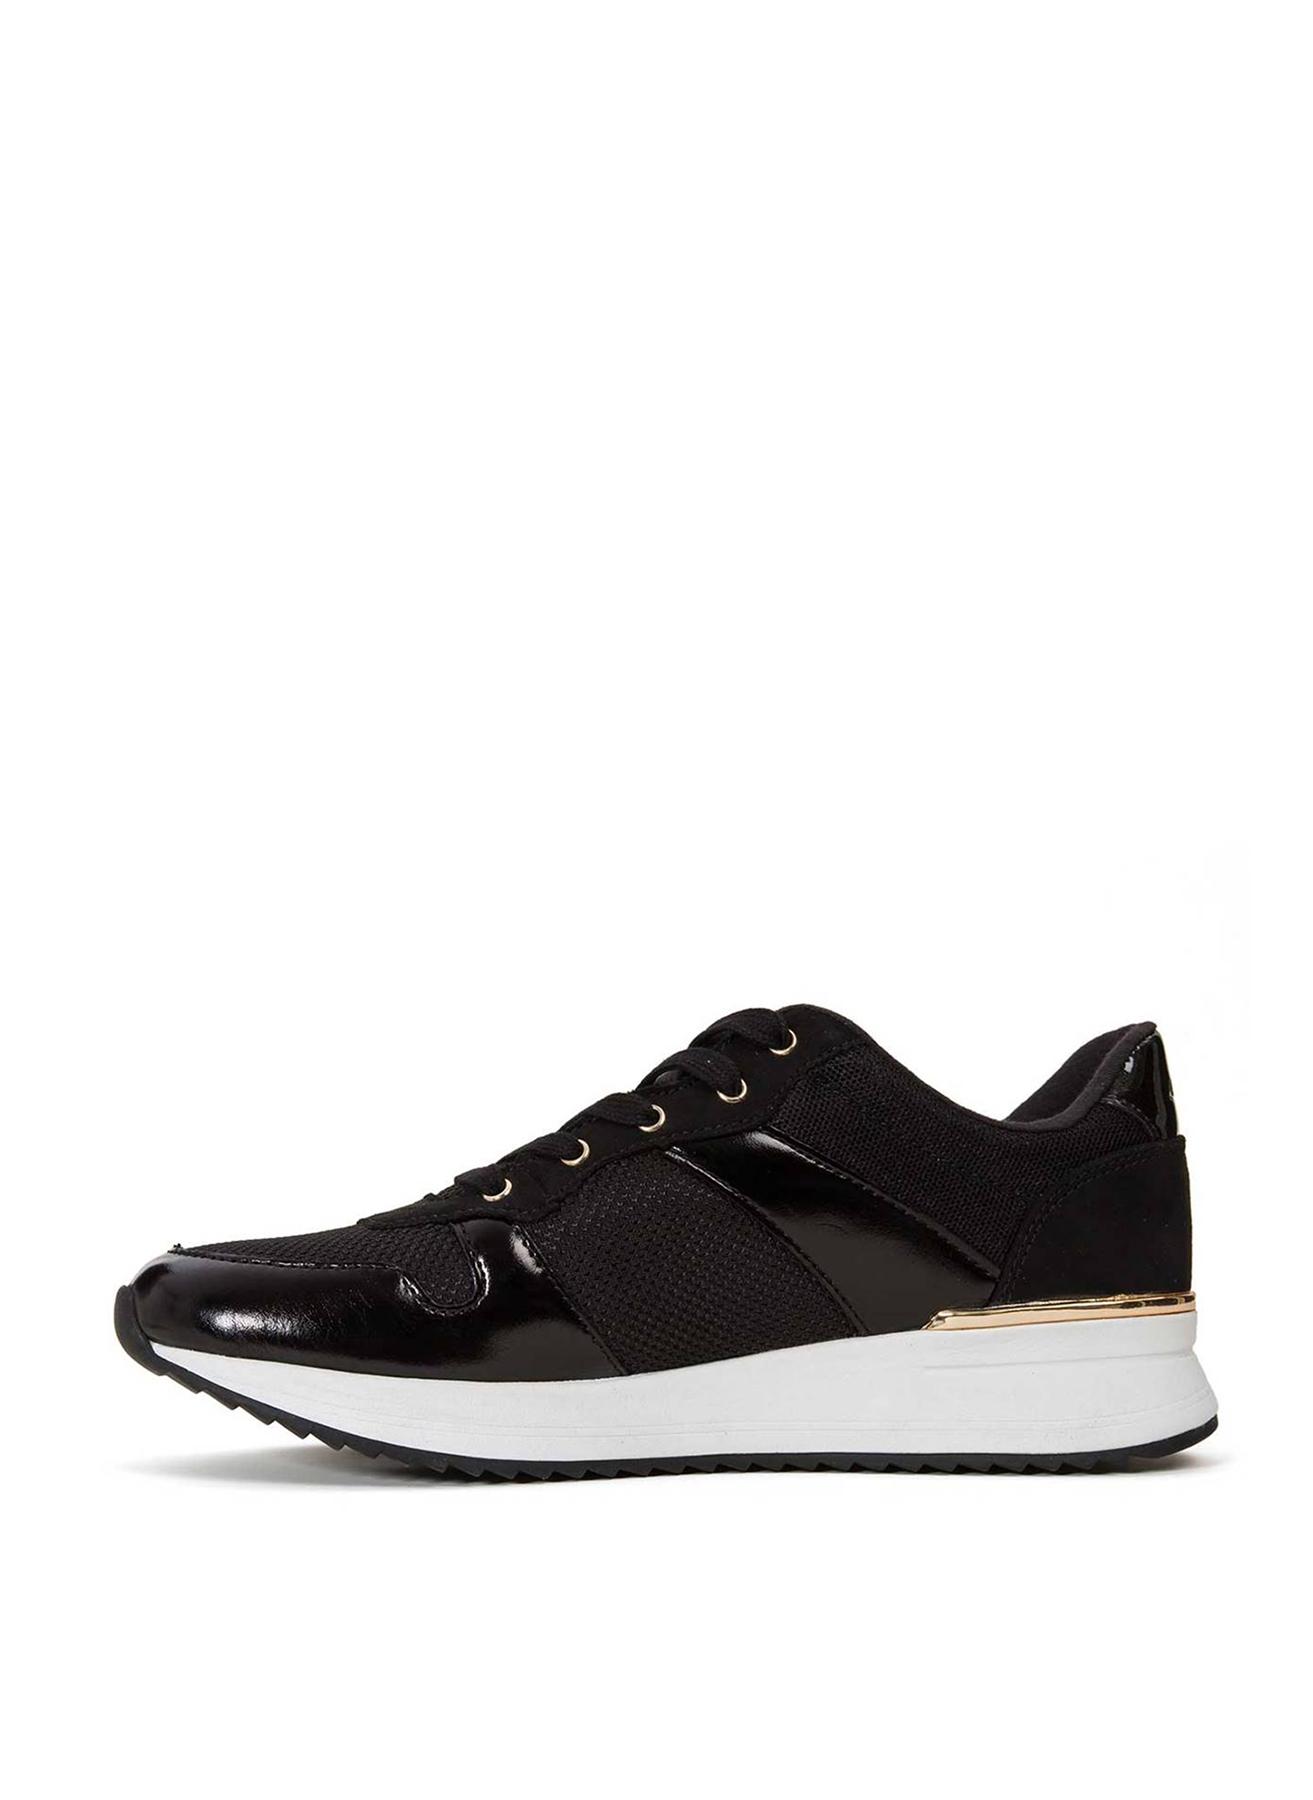 Aldo Düz Ayakkabı 36 5002327977001 Ürün Resmi